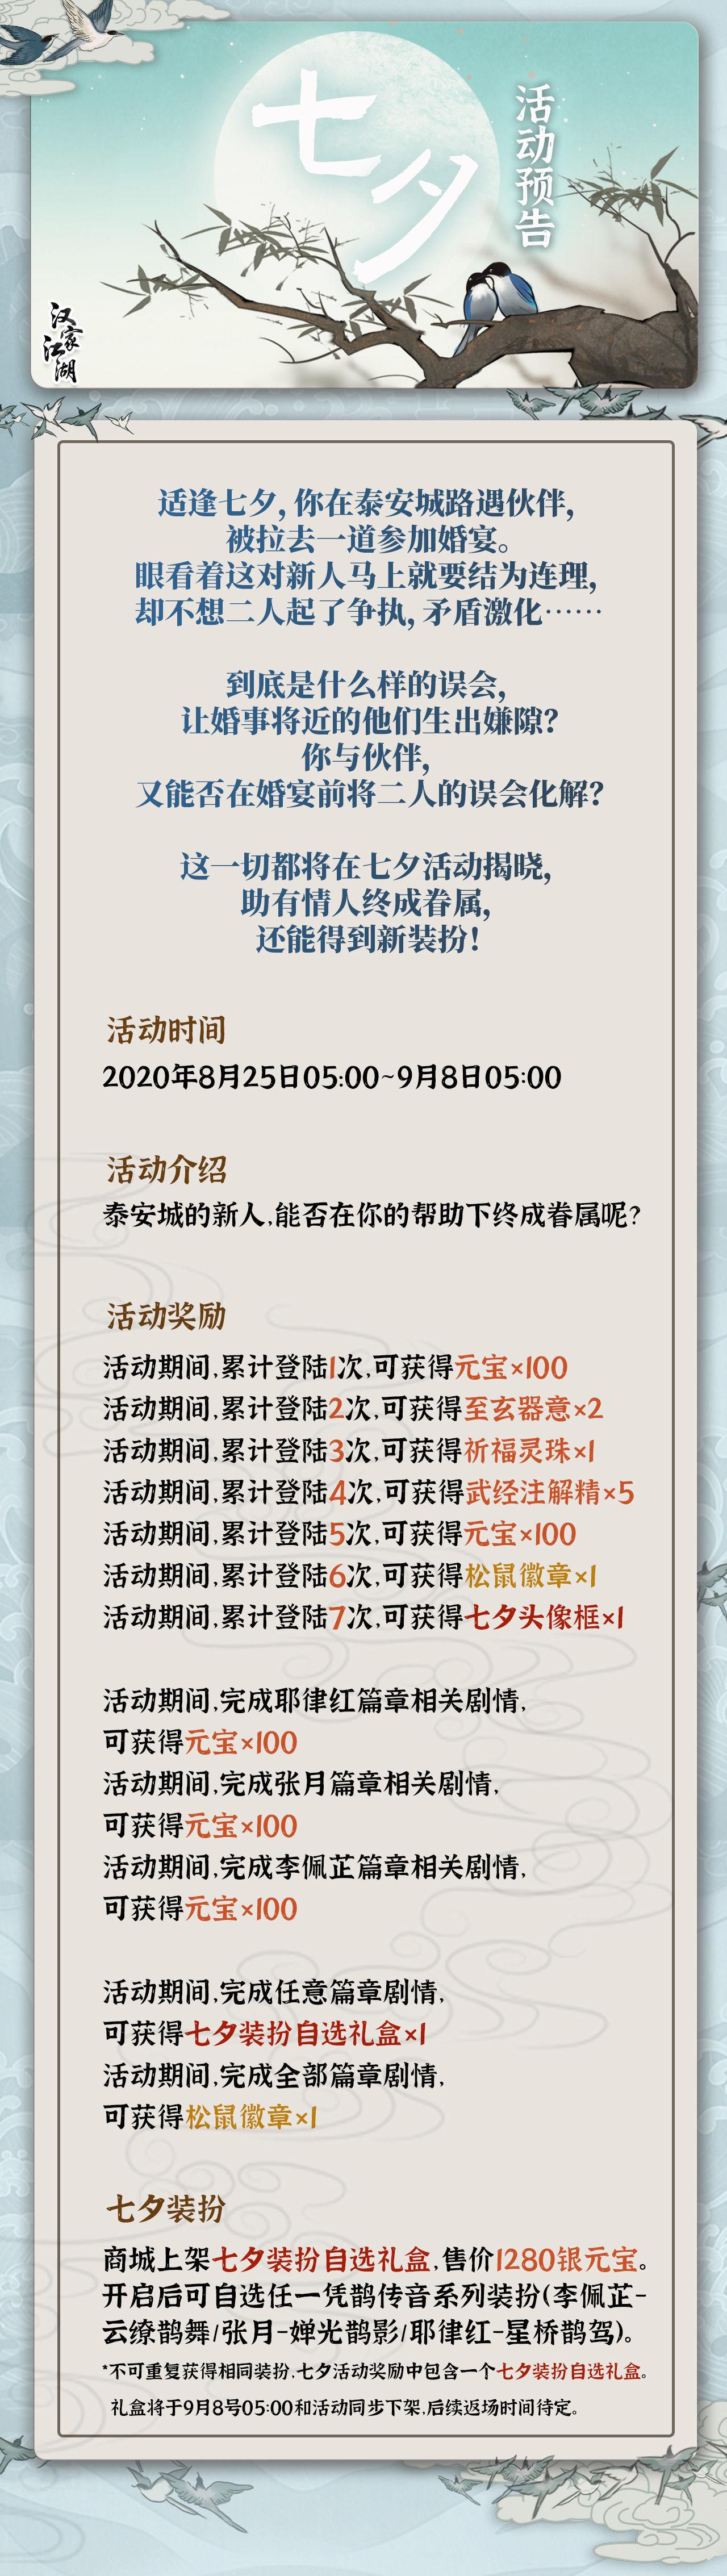 【汉家江湖】凭鹊传音七夕活动预告